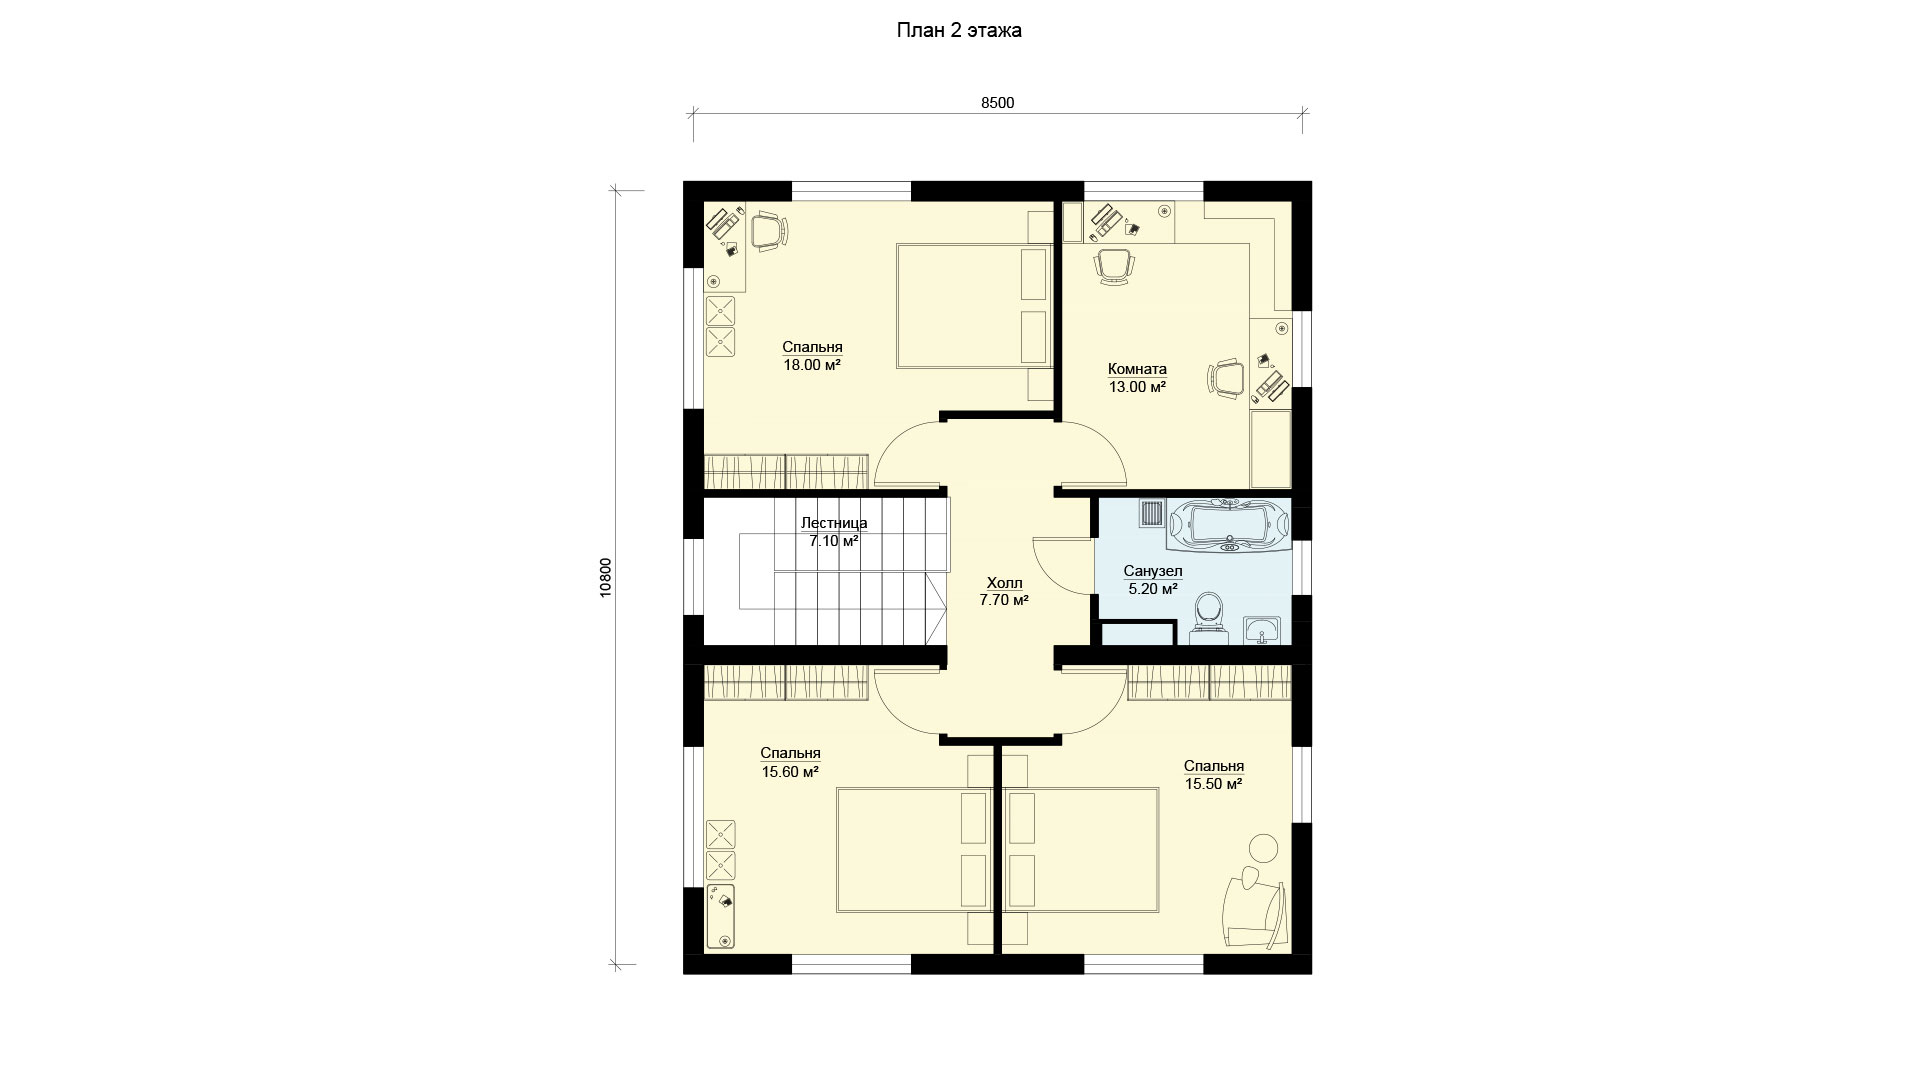 План второго этажа двухэтажного дома 10 на 8 БП-160/1.